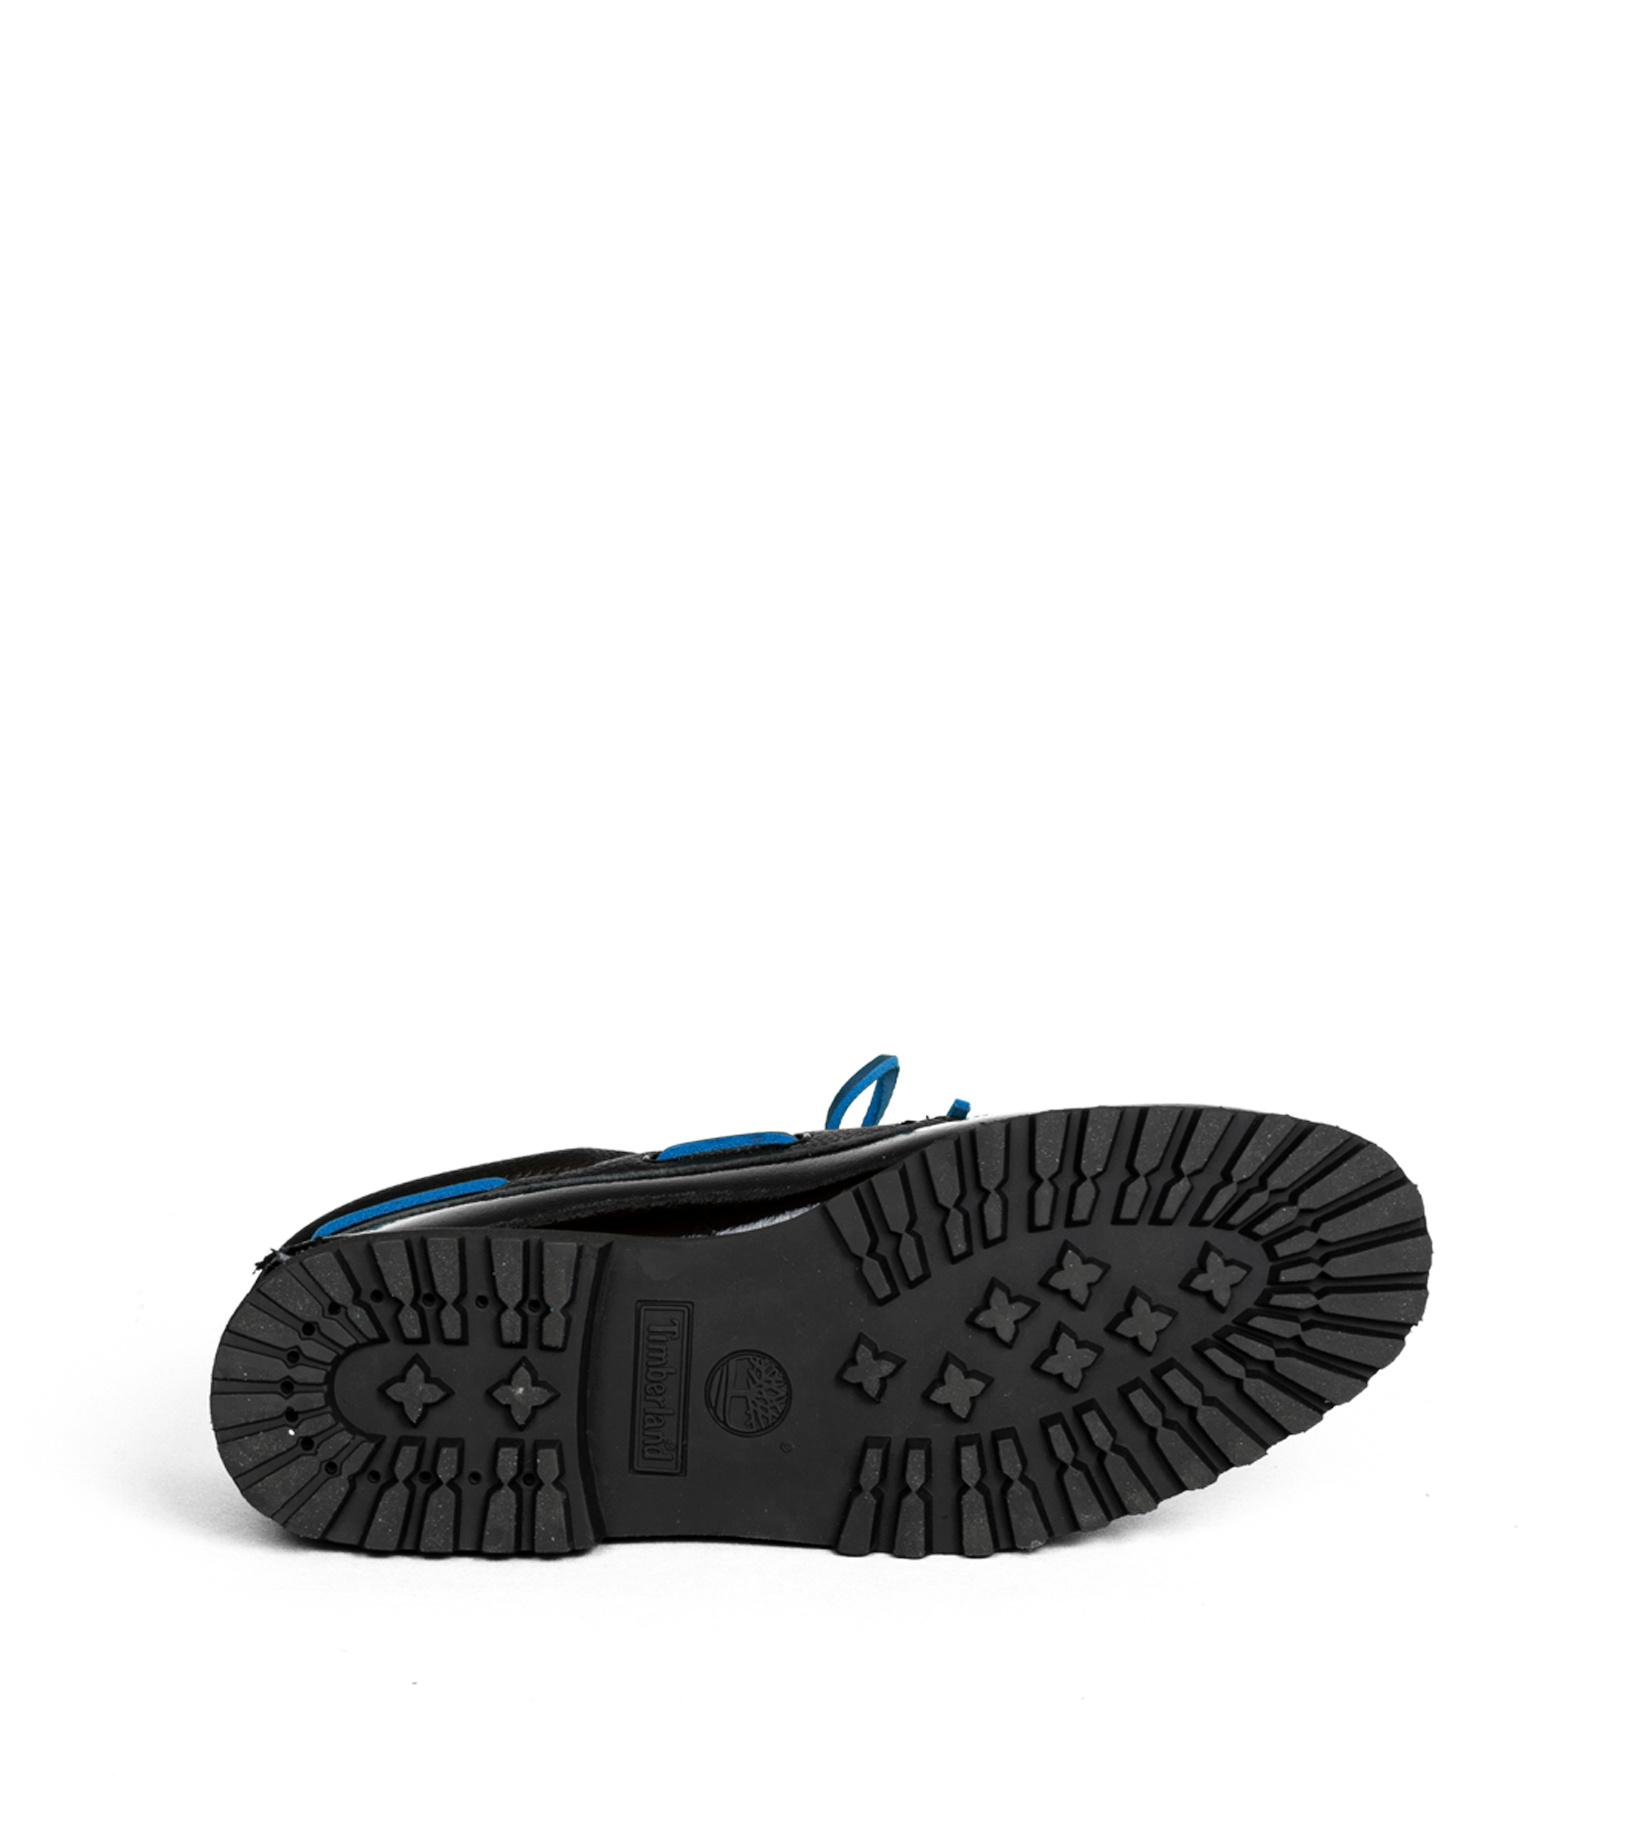 """Loafer x Chinatown Market """"Black Ponyhair""""-5"""